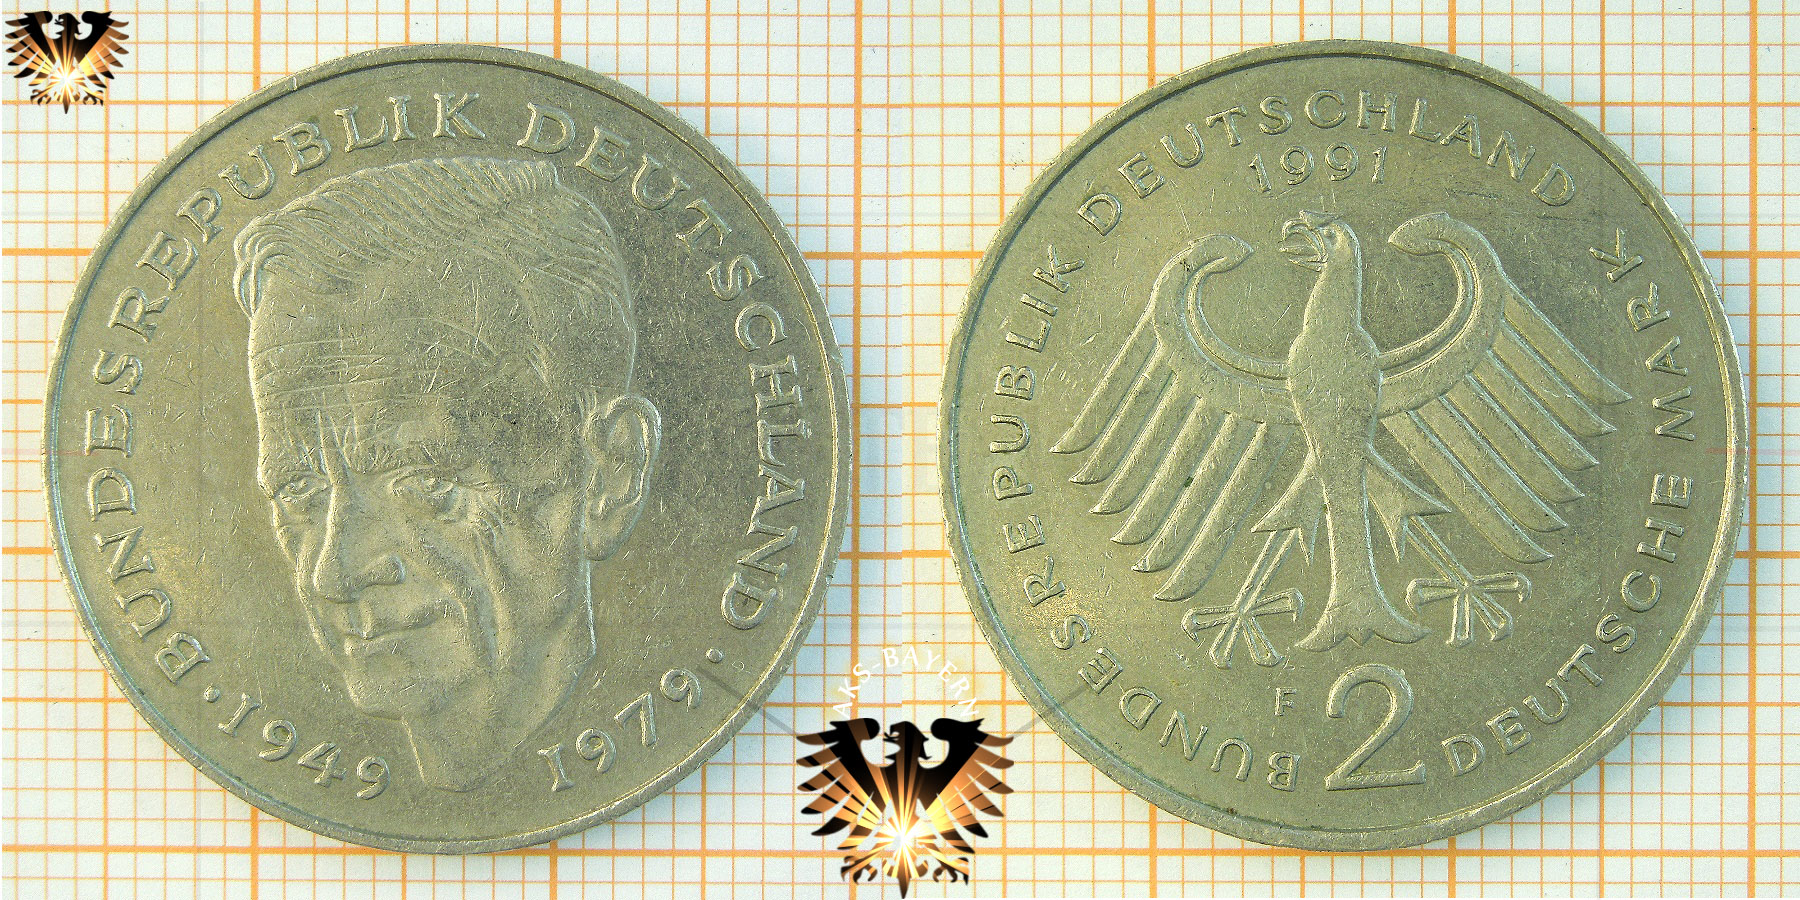 2 Dm Brd Dr Kurt Schumacher 1949 Bundesrepublik Deutschland 1979